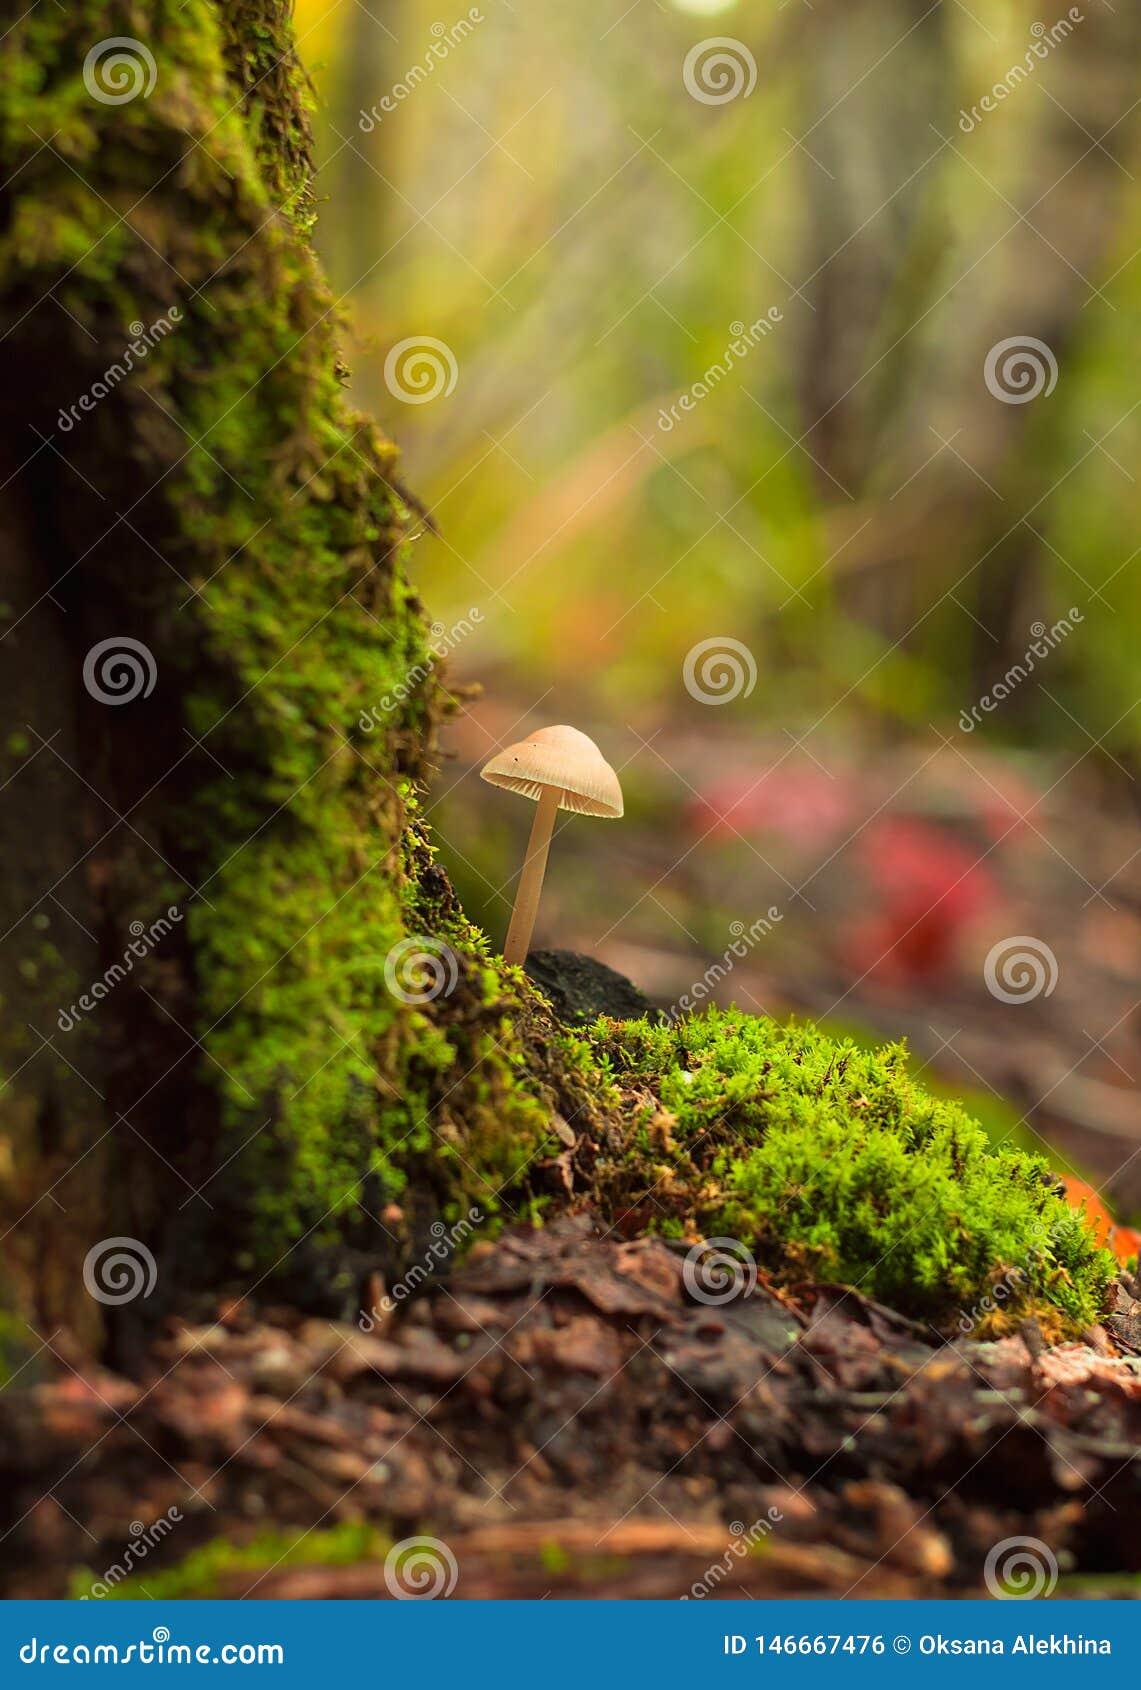 ??n paddestoel groeit in het bosclose-up